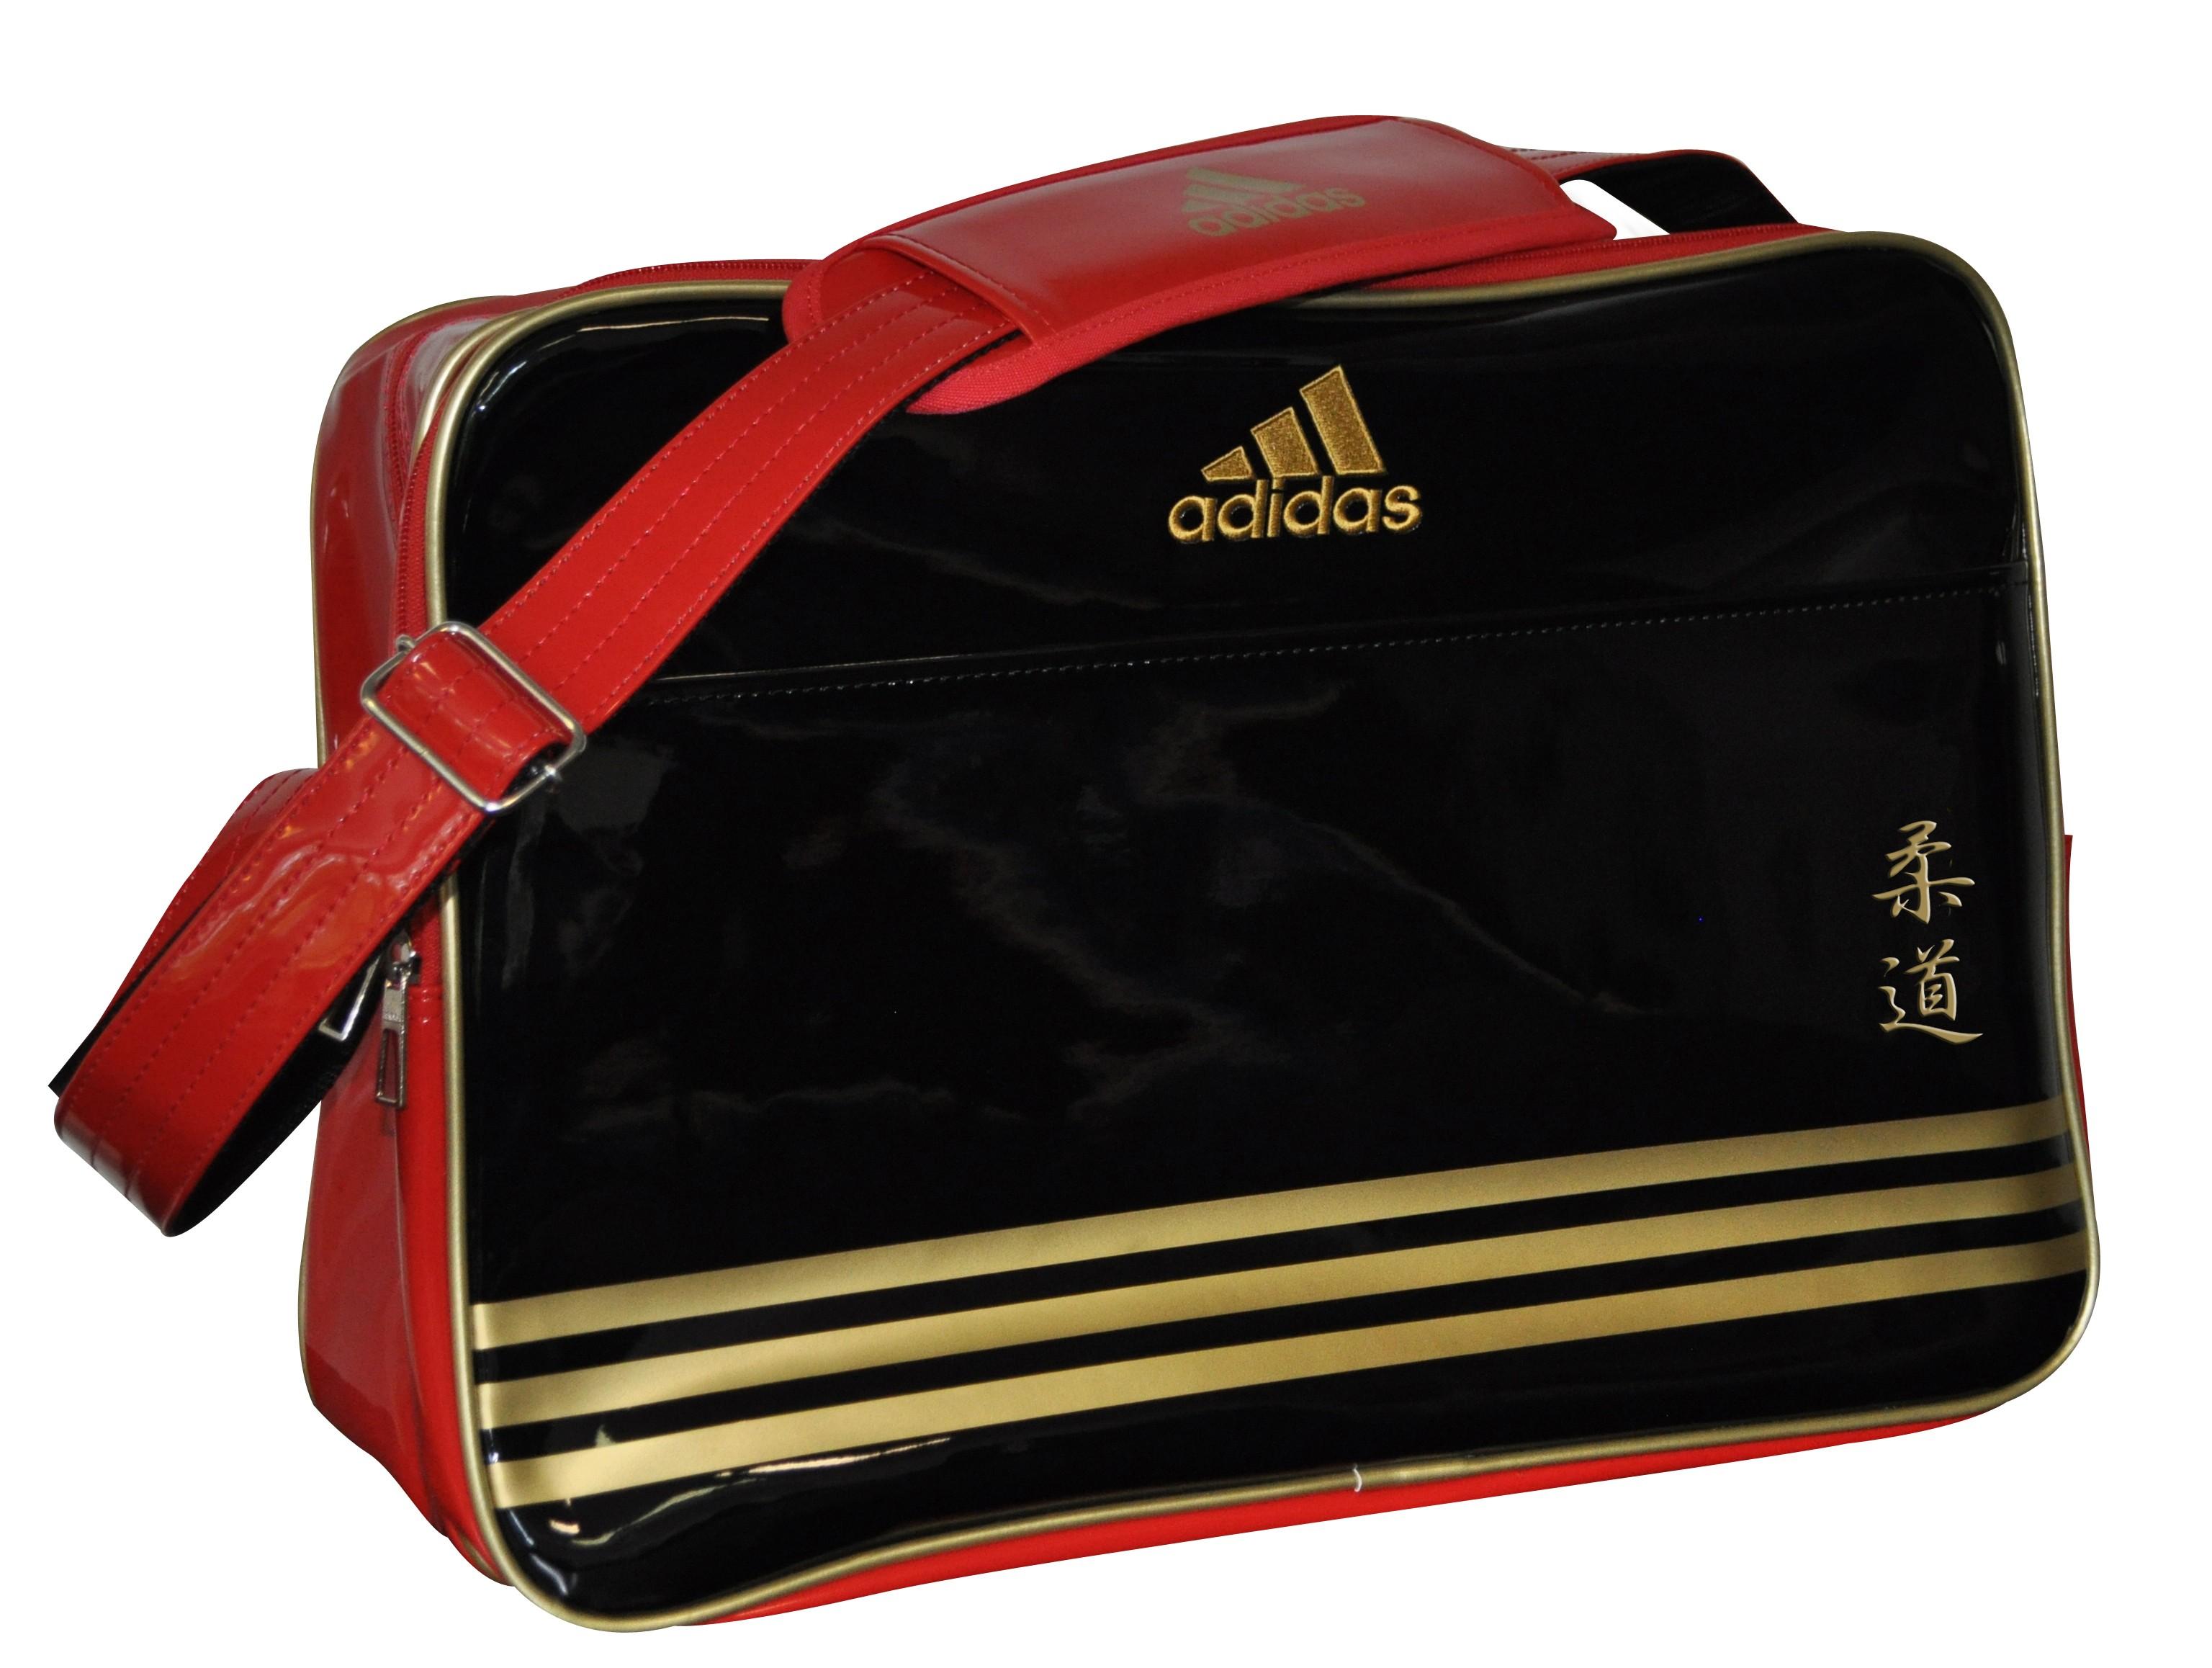 sac sport judo adidas sac judo adidas blanc bleu rouge sac judo adidas blanc bleu rouge. Black Bedroom Furniture Sets. Home Design Ideas